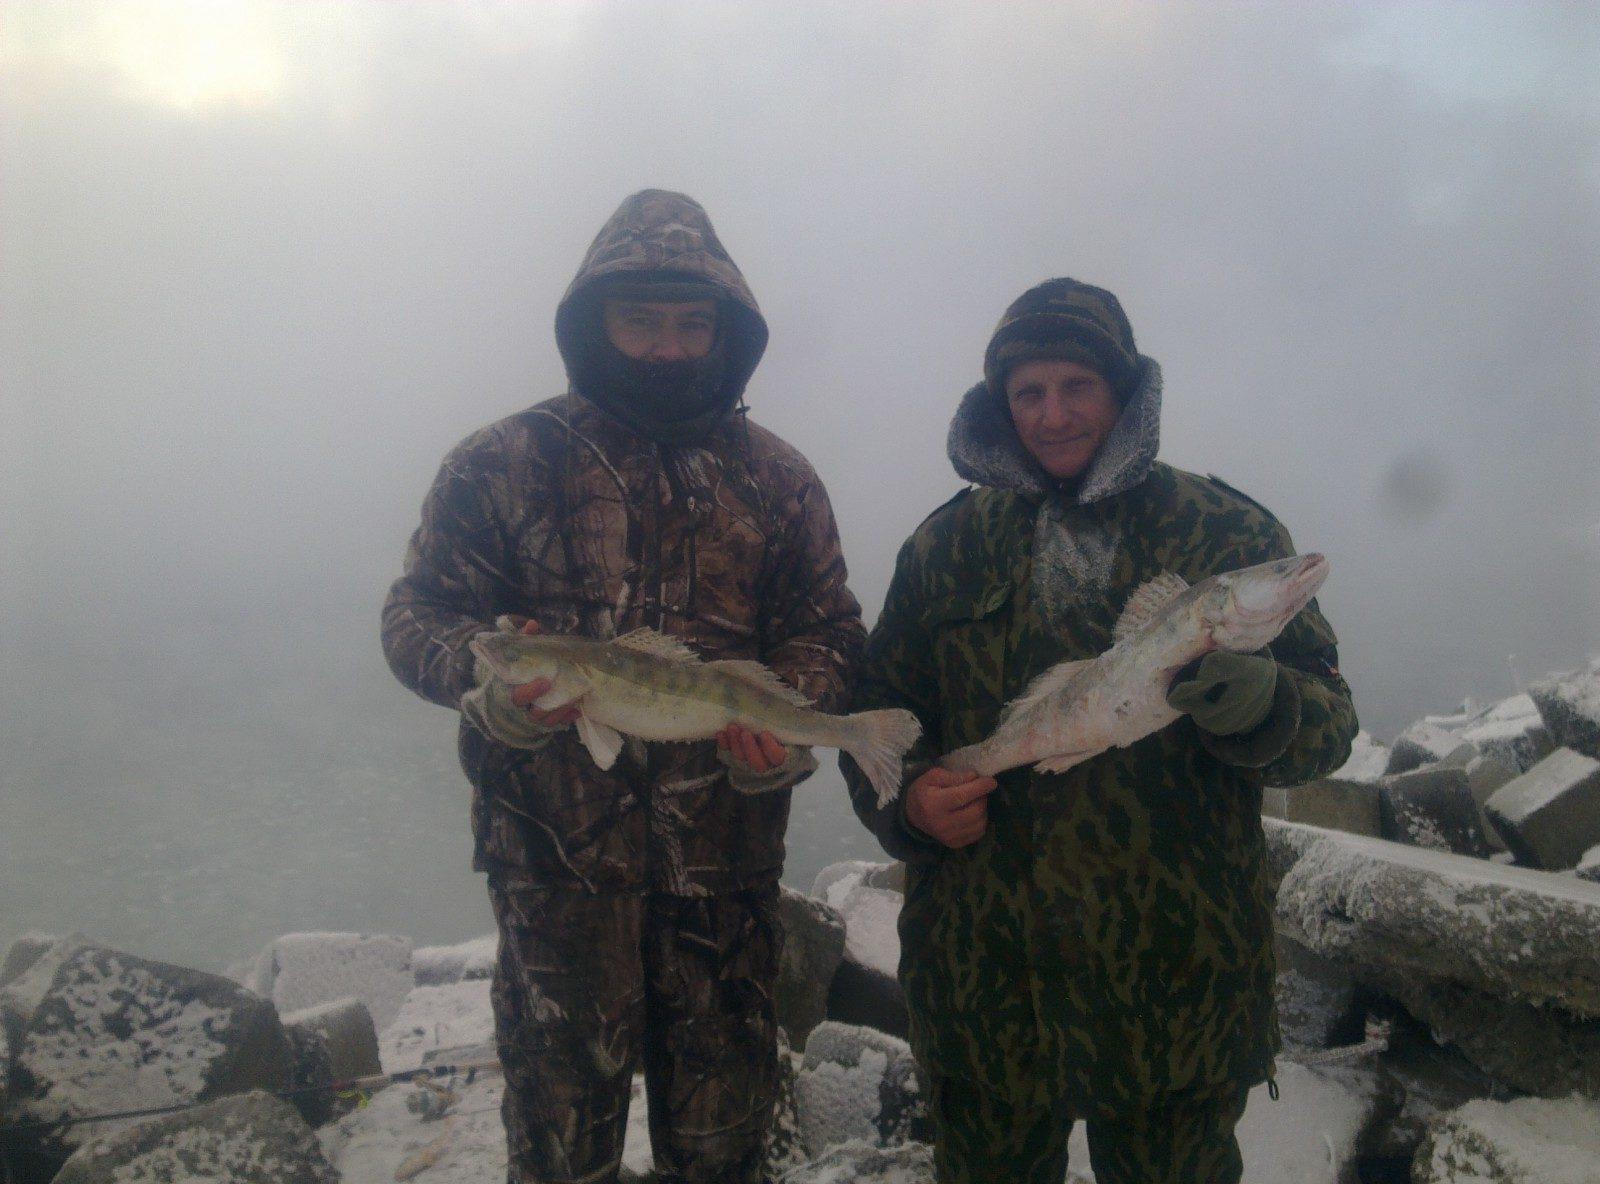 Два рыбака с судаками в руках